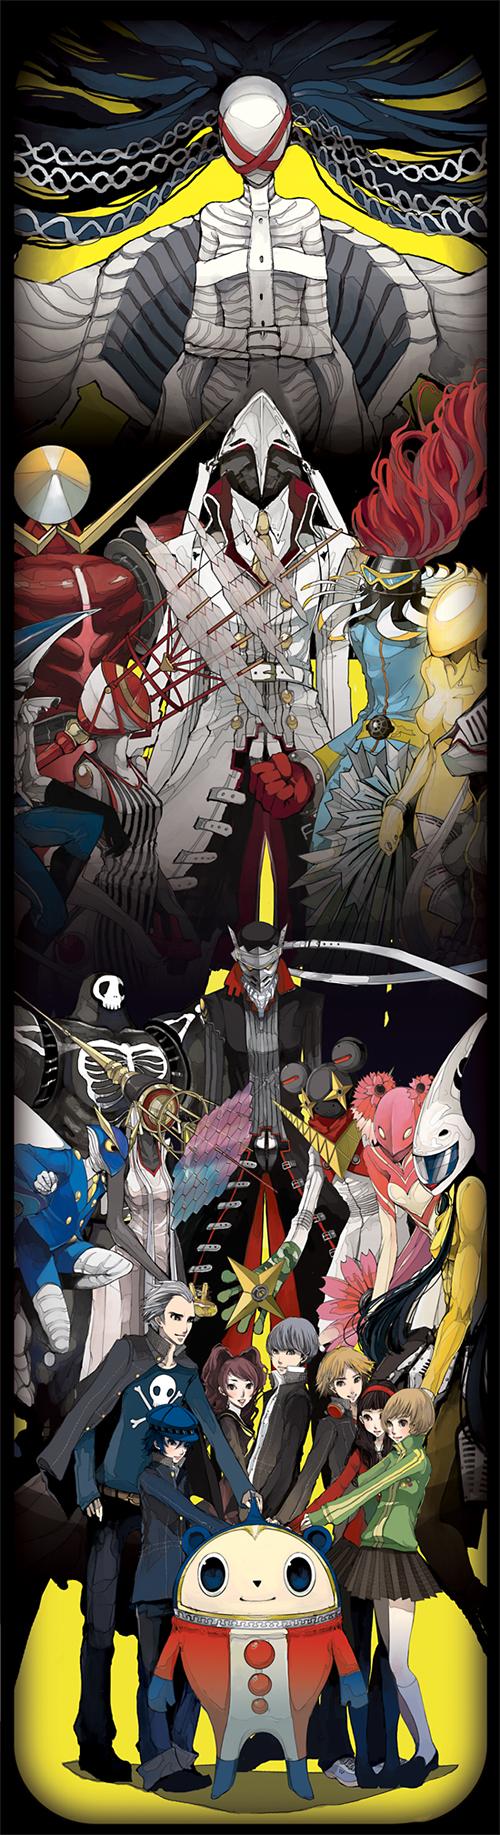 Tags: Anime, Shin Megami Tensei: PERSONA 4, Himiko (Persona), Shirogane Naoto, Konohana Sakuya, Kanzeon (Persona), Izanagi, Take-mikazuchi, Sukuna Hikona, Amaterasu (Persona), Narukami Yu, Jiraiya (Persona), Satonaka Chie